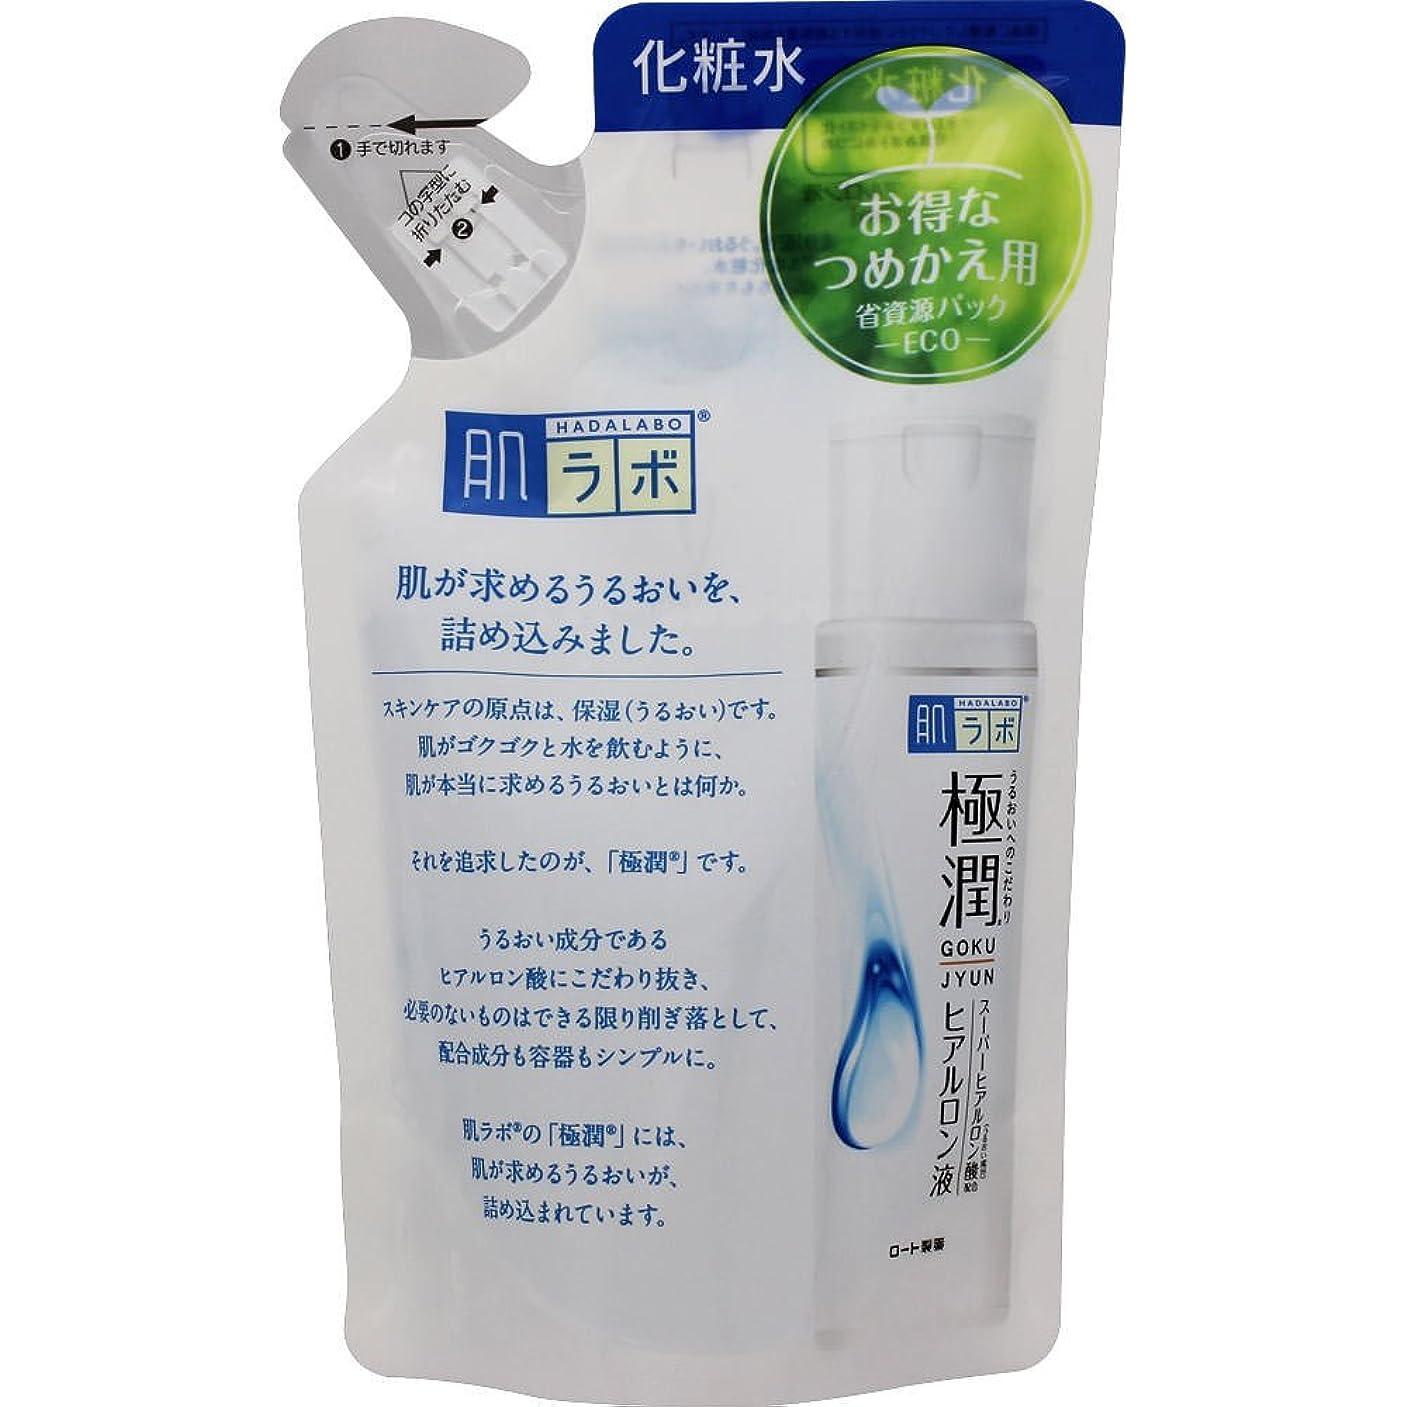 単独で悲惨なダーベビルのテス肌ラボ 極潤 ヒアルロン酸 化粧水 ヒアルロン酸3種配合 詰替用 170ml